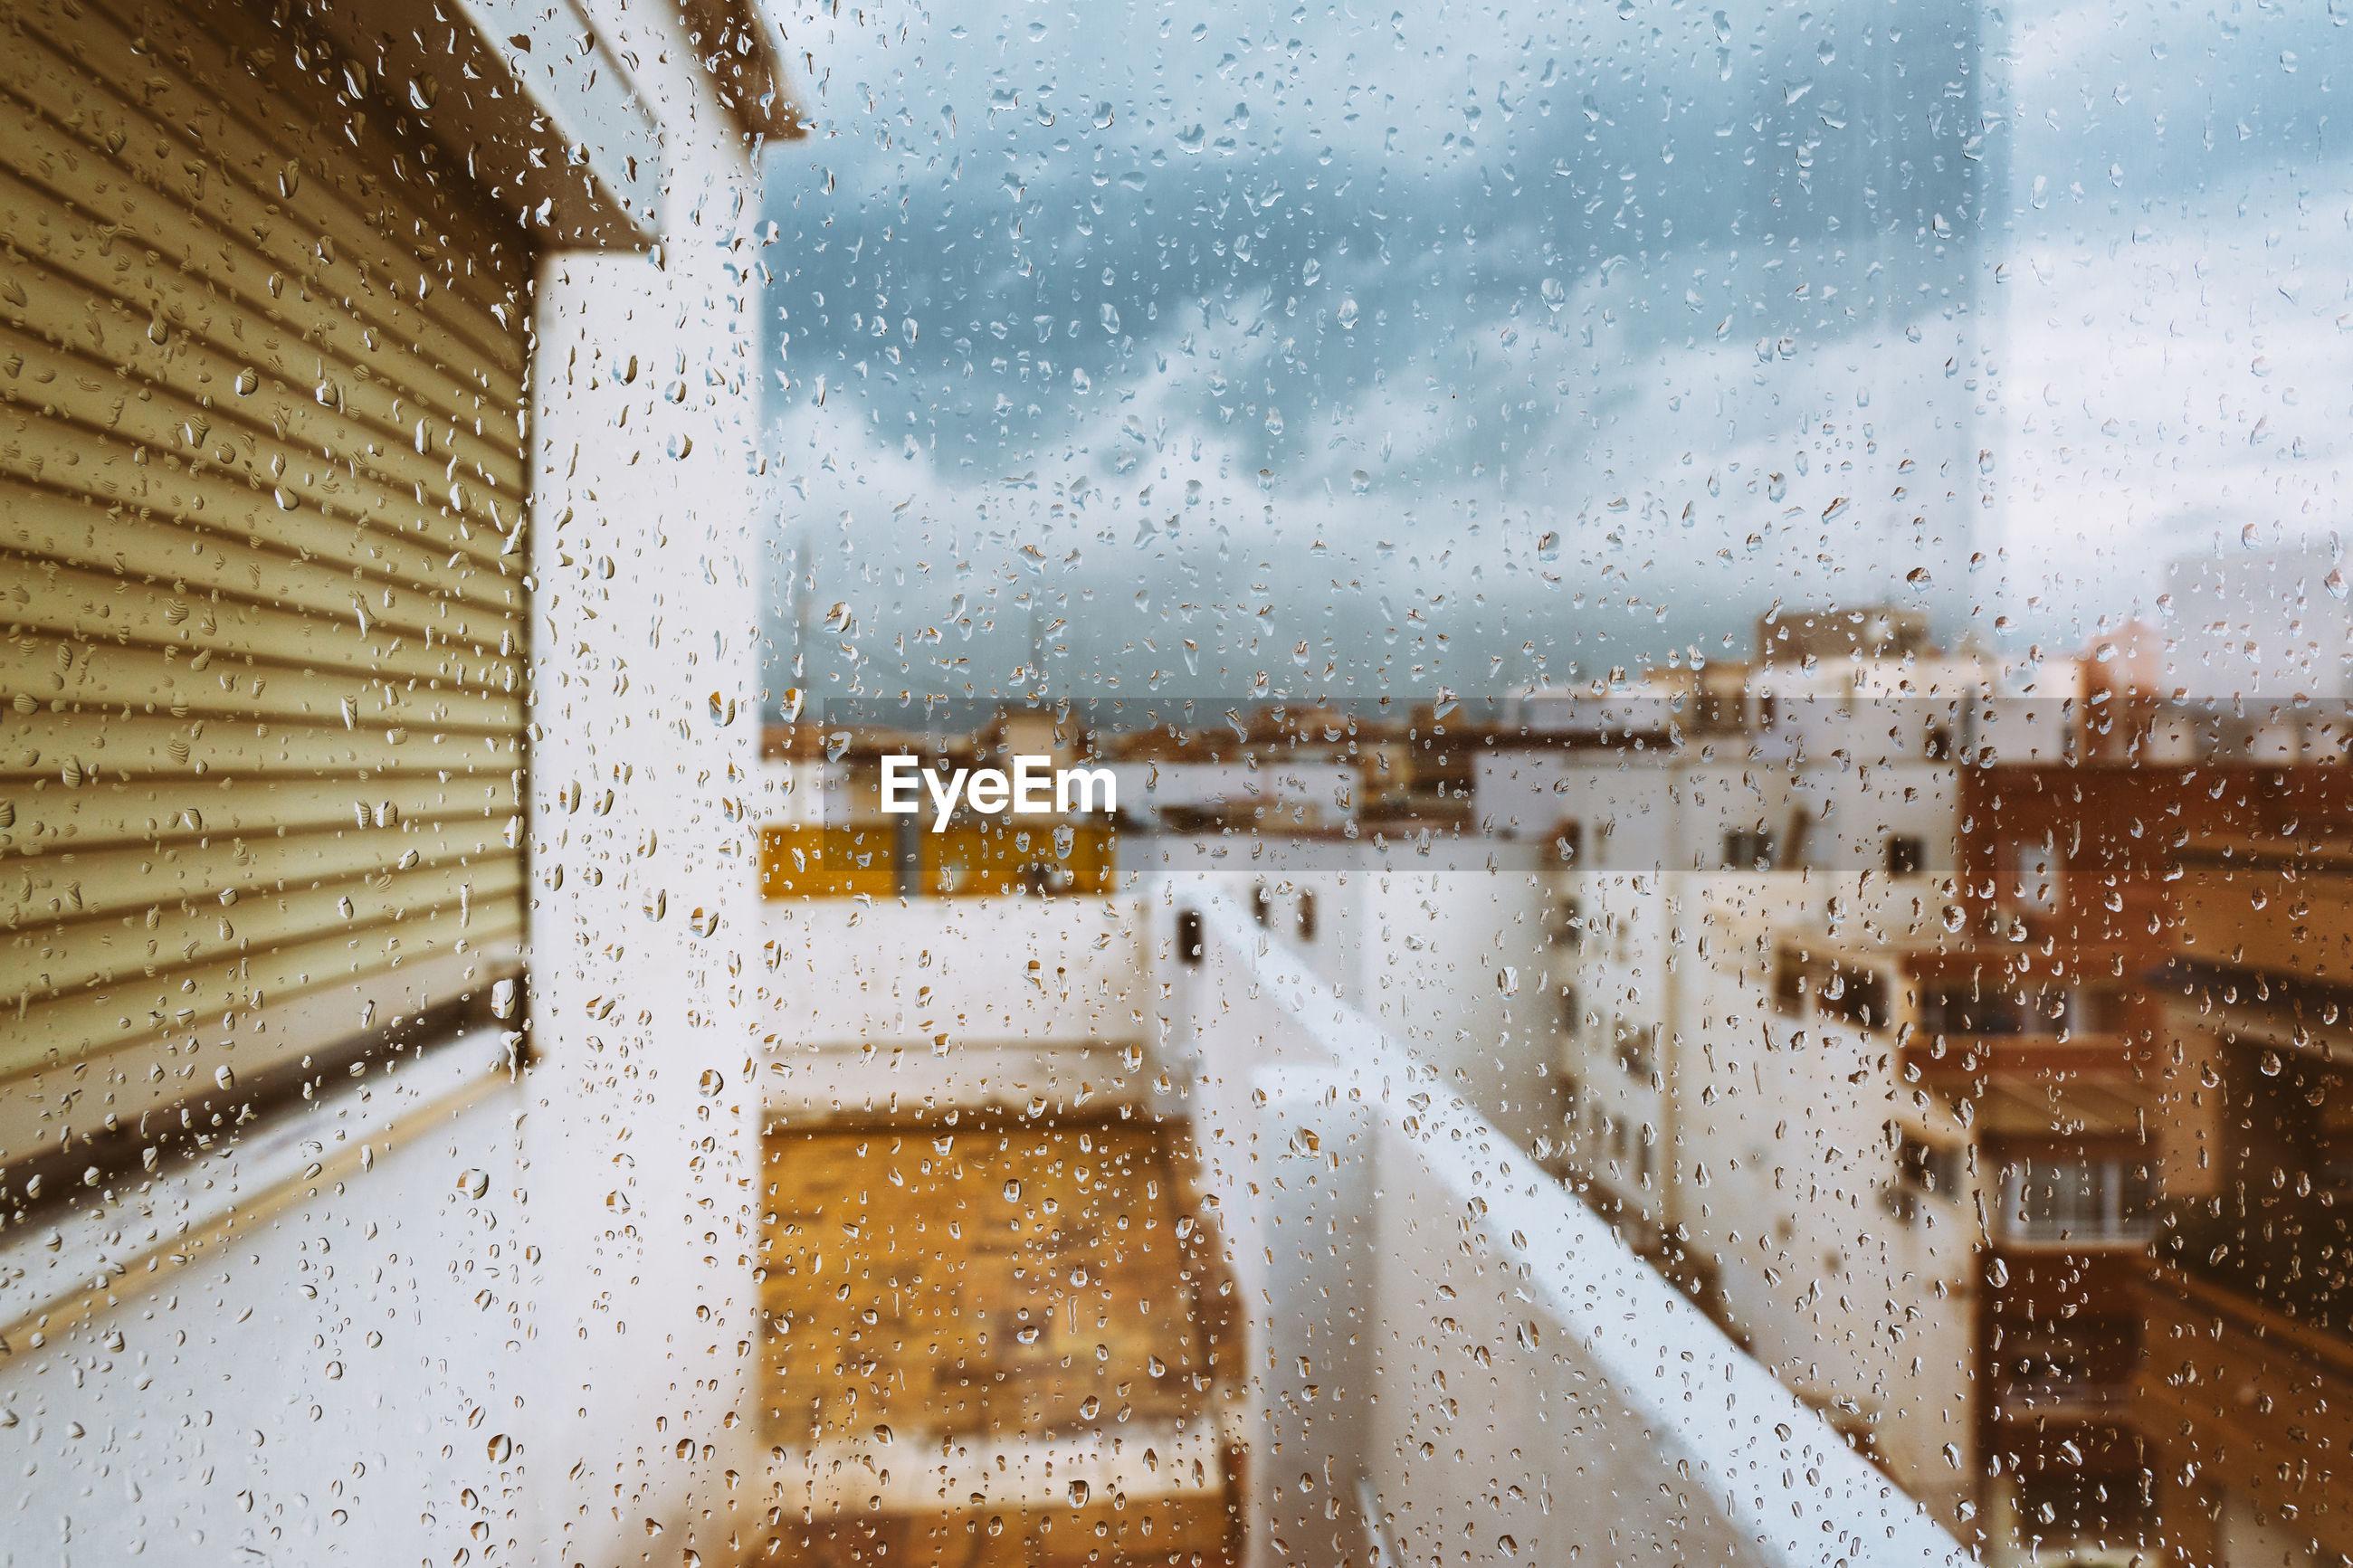 BUILDINGS SEEN THROUGH WET WINDOW